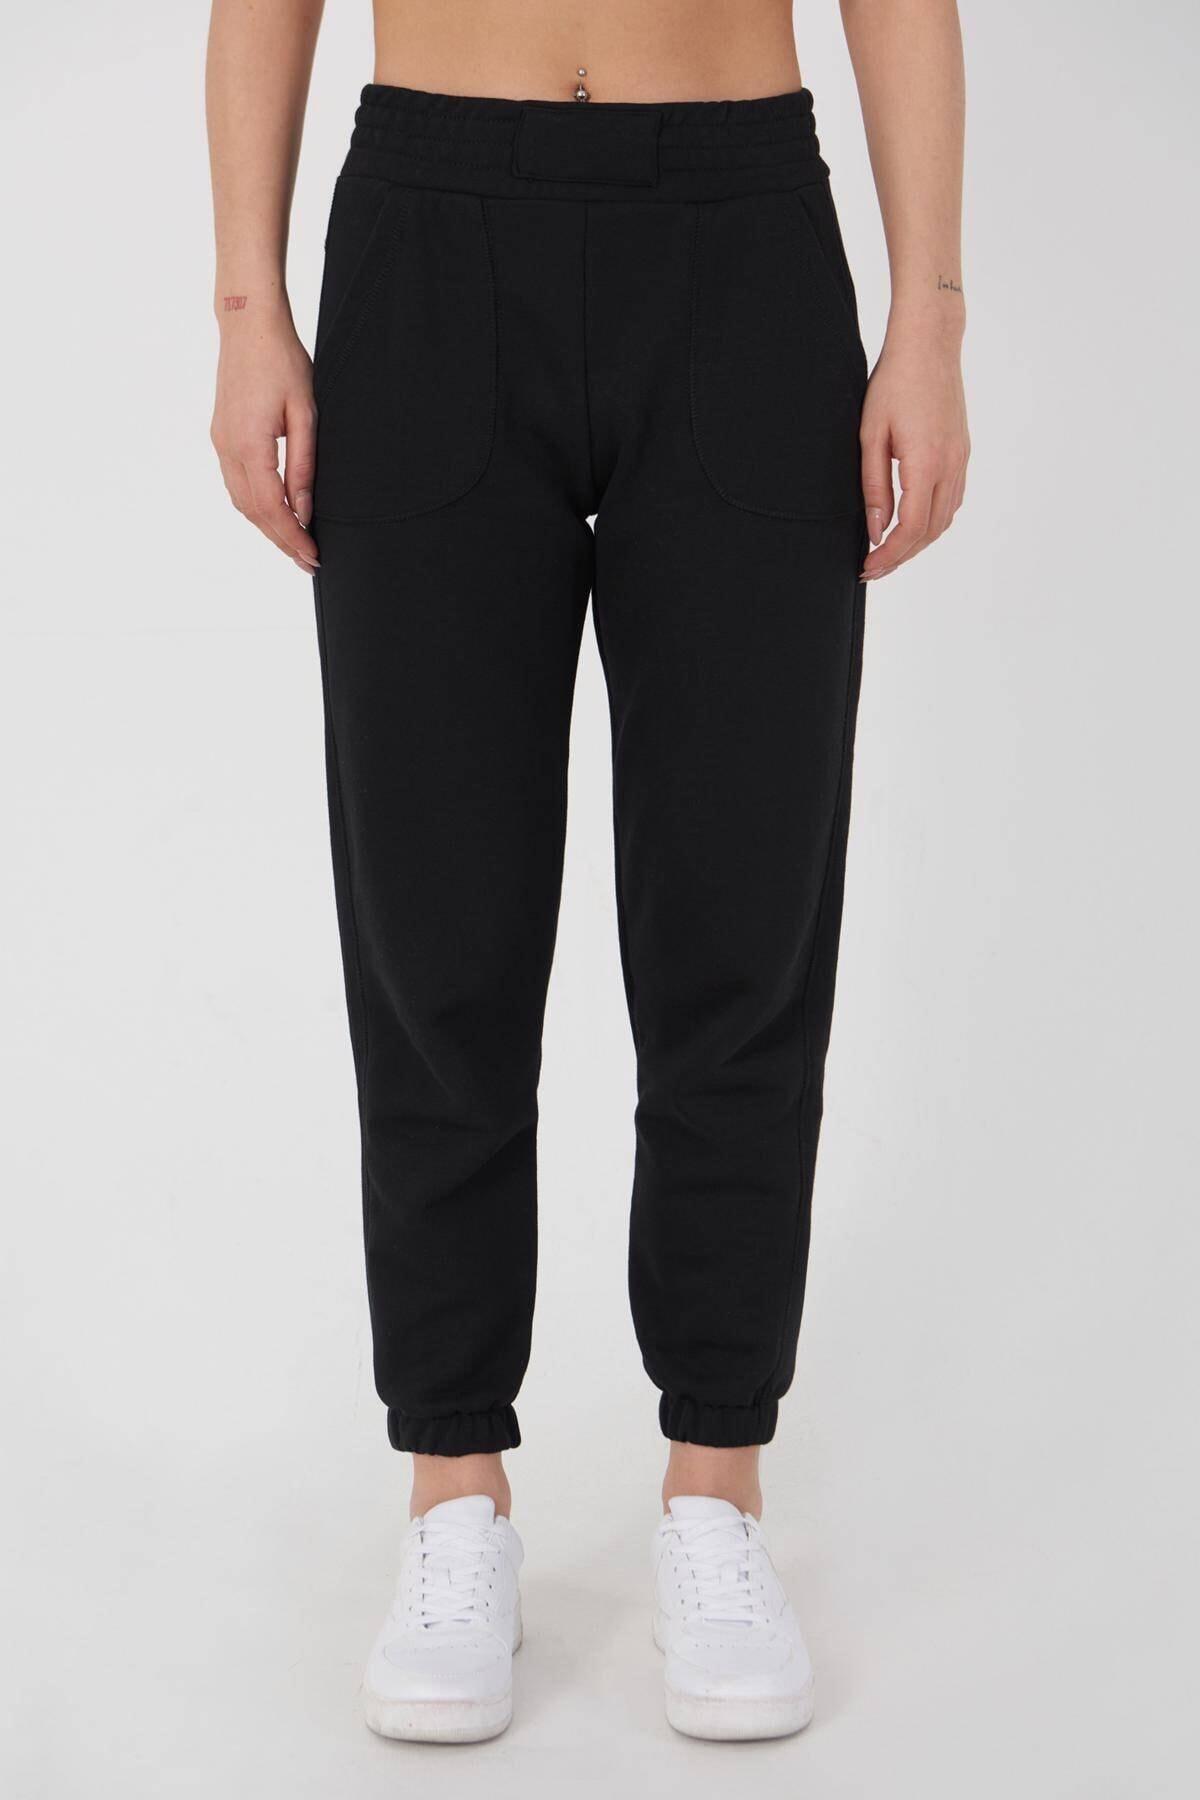 Addax Kadın Siyah Cep Detaylı Eşofman EŞF9498 - L10 ADX-0000023267